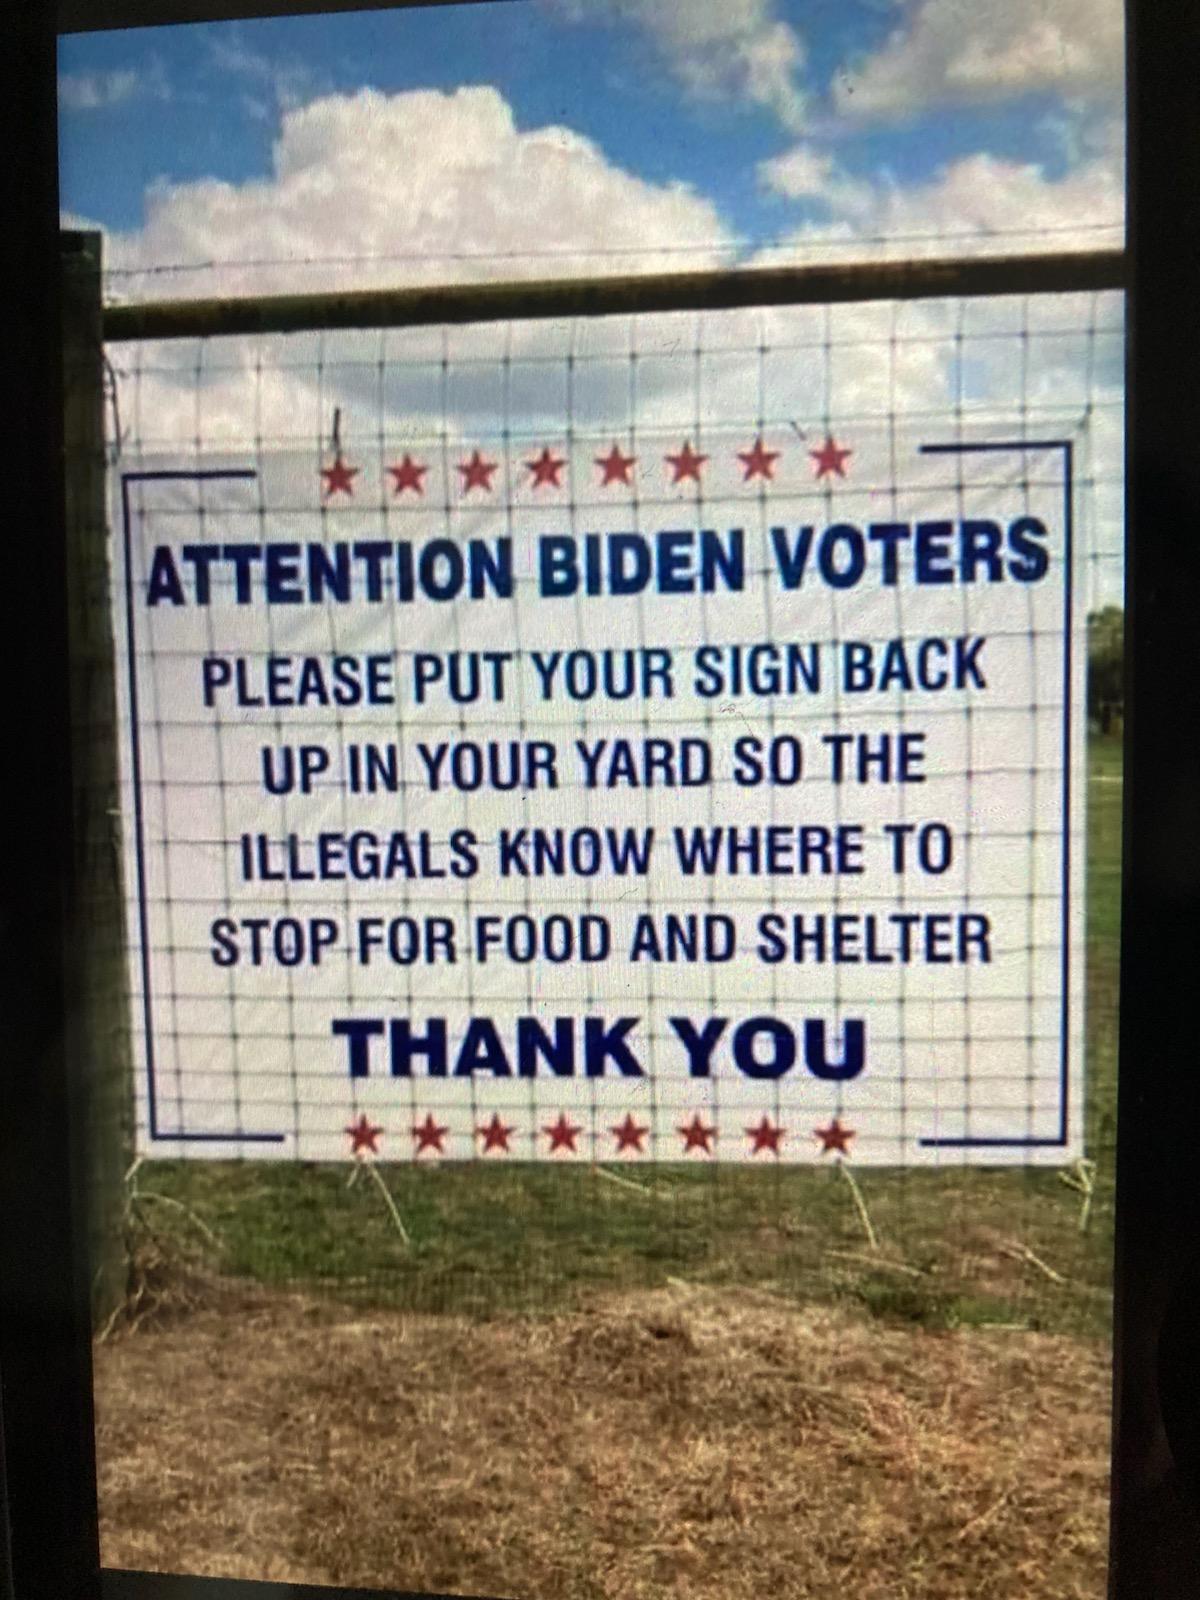 Attention Biden Voters